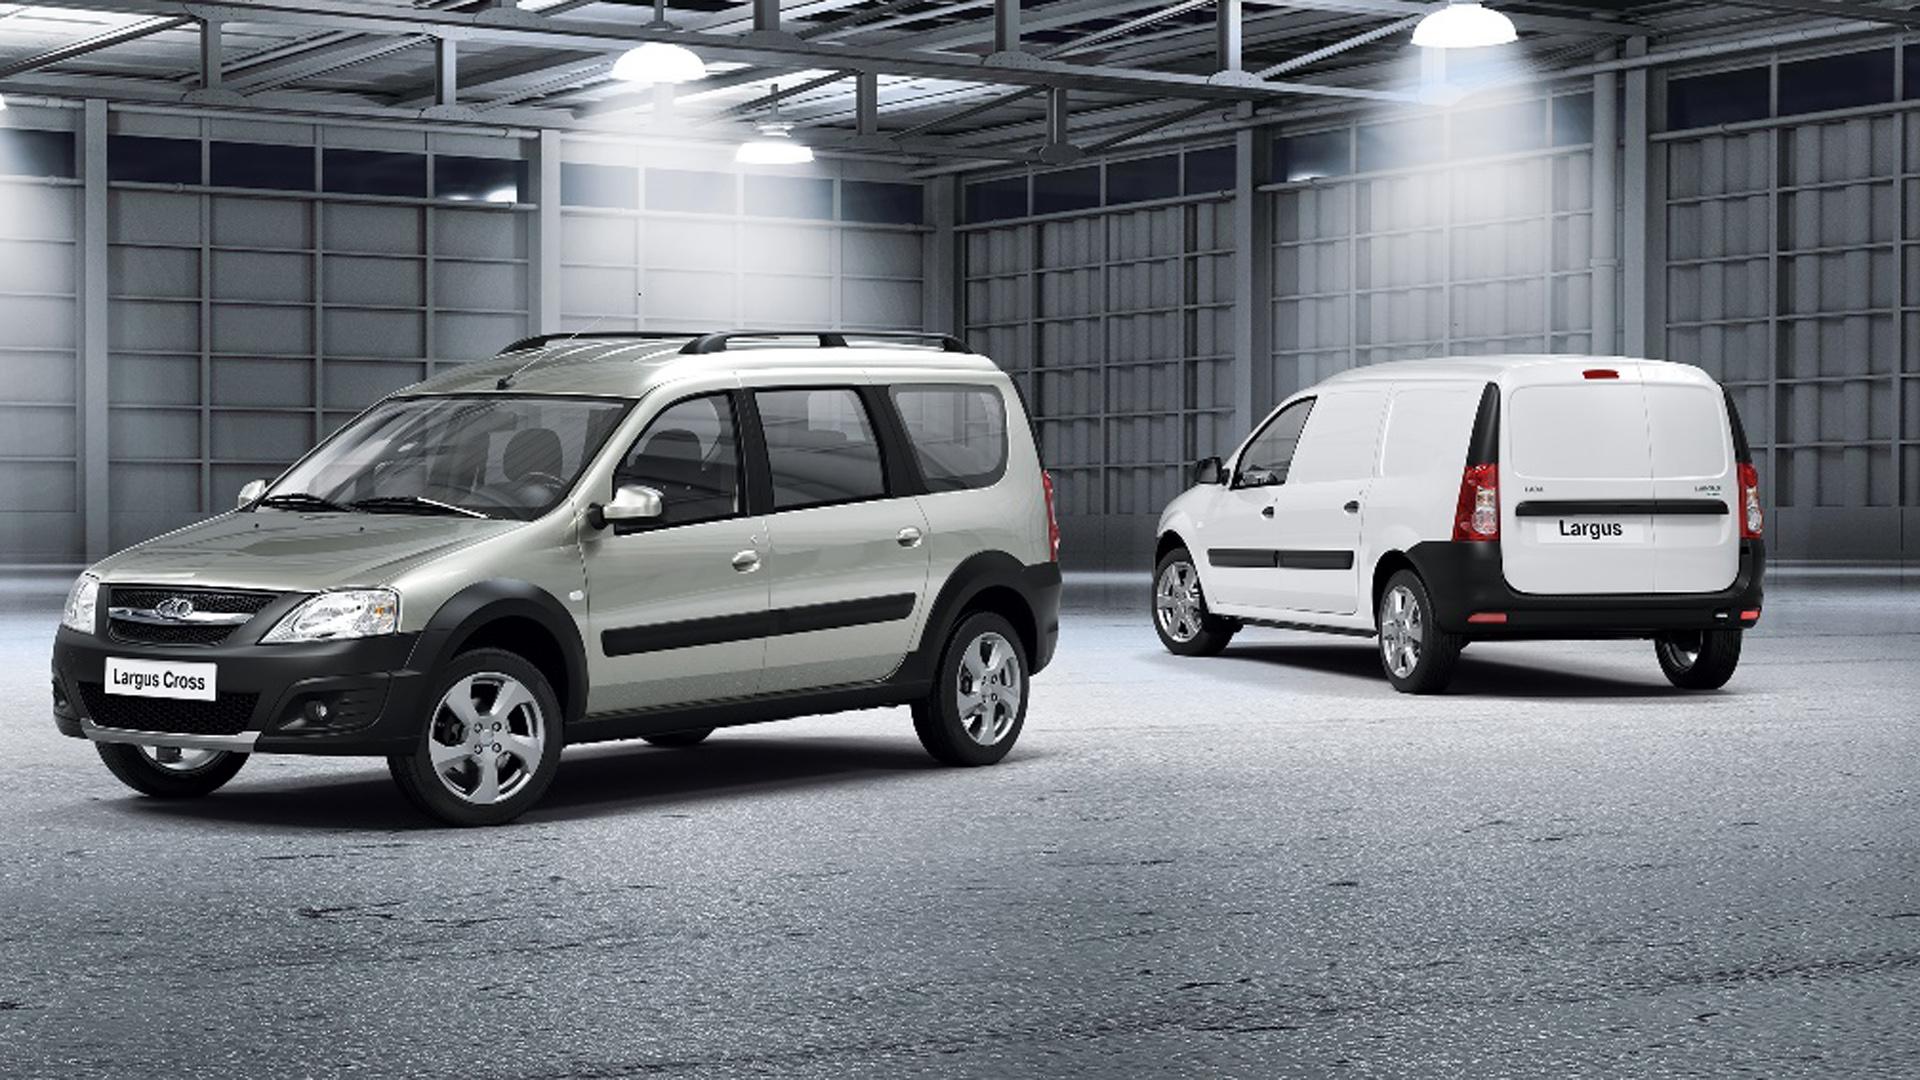 ТОП-5 отечественных автомобилей с ГБО, доступных к продаже в России